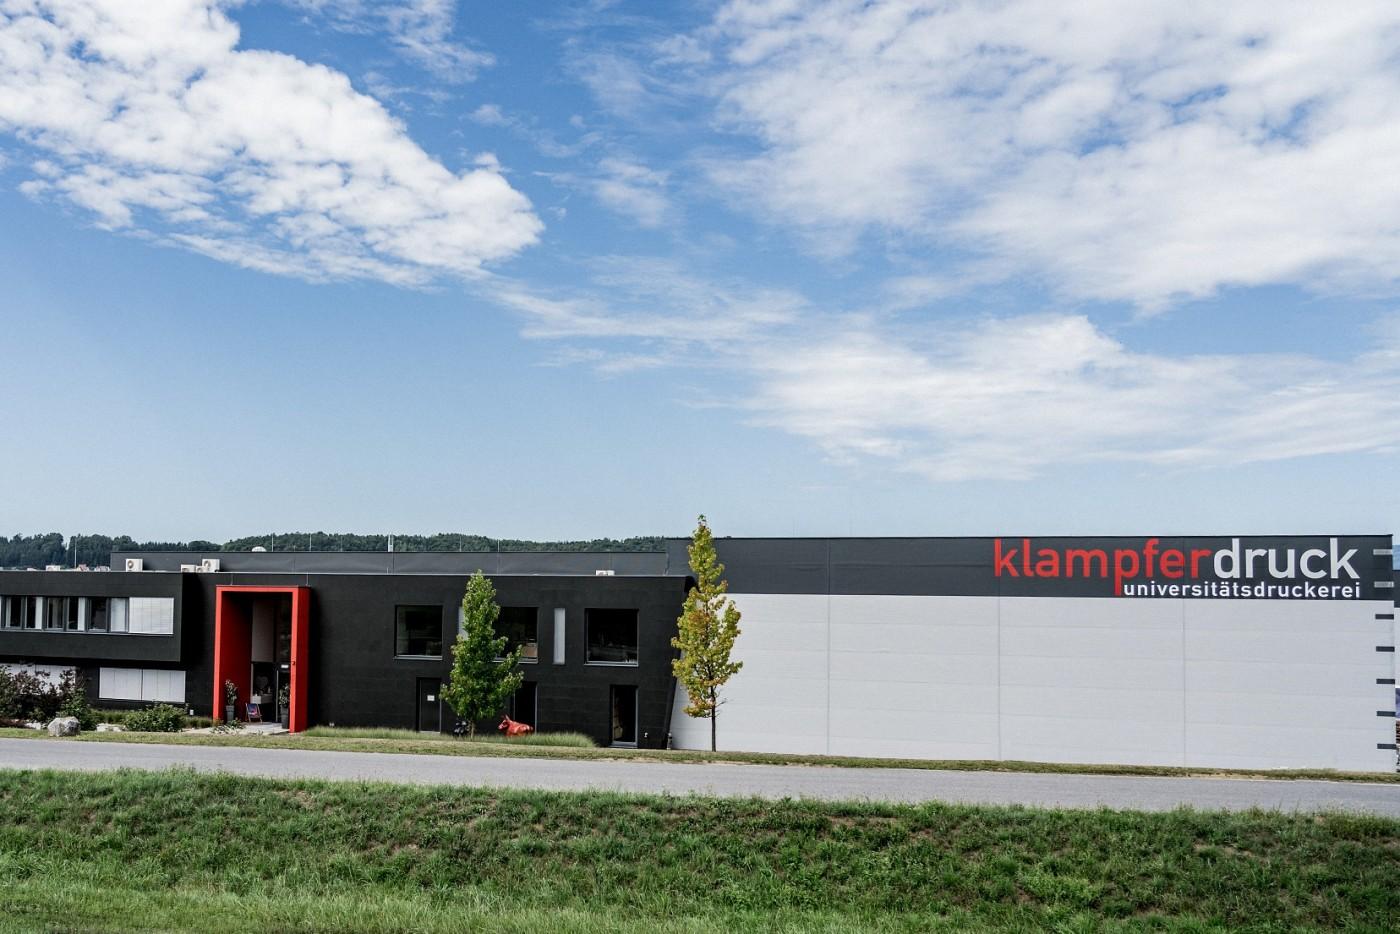 20190919_01_Klampfer-Druck_Building